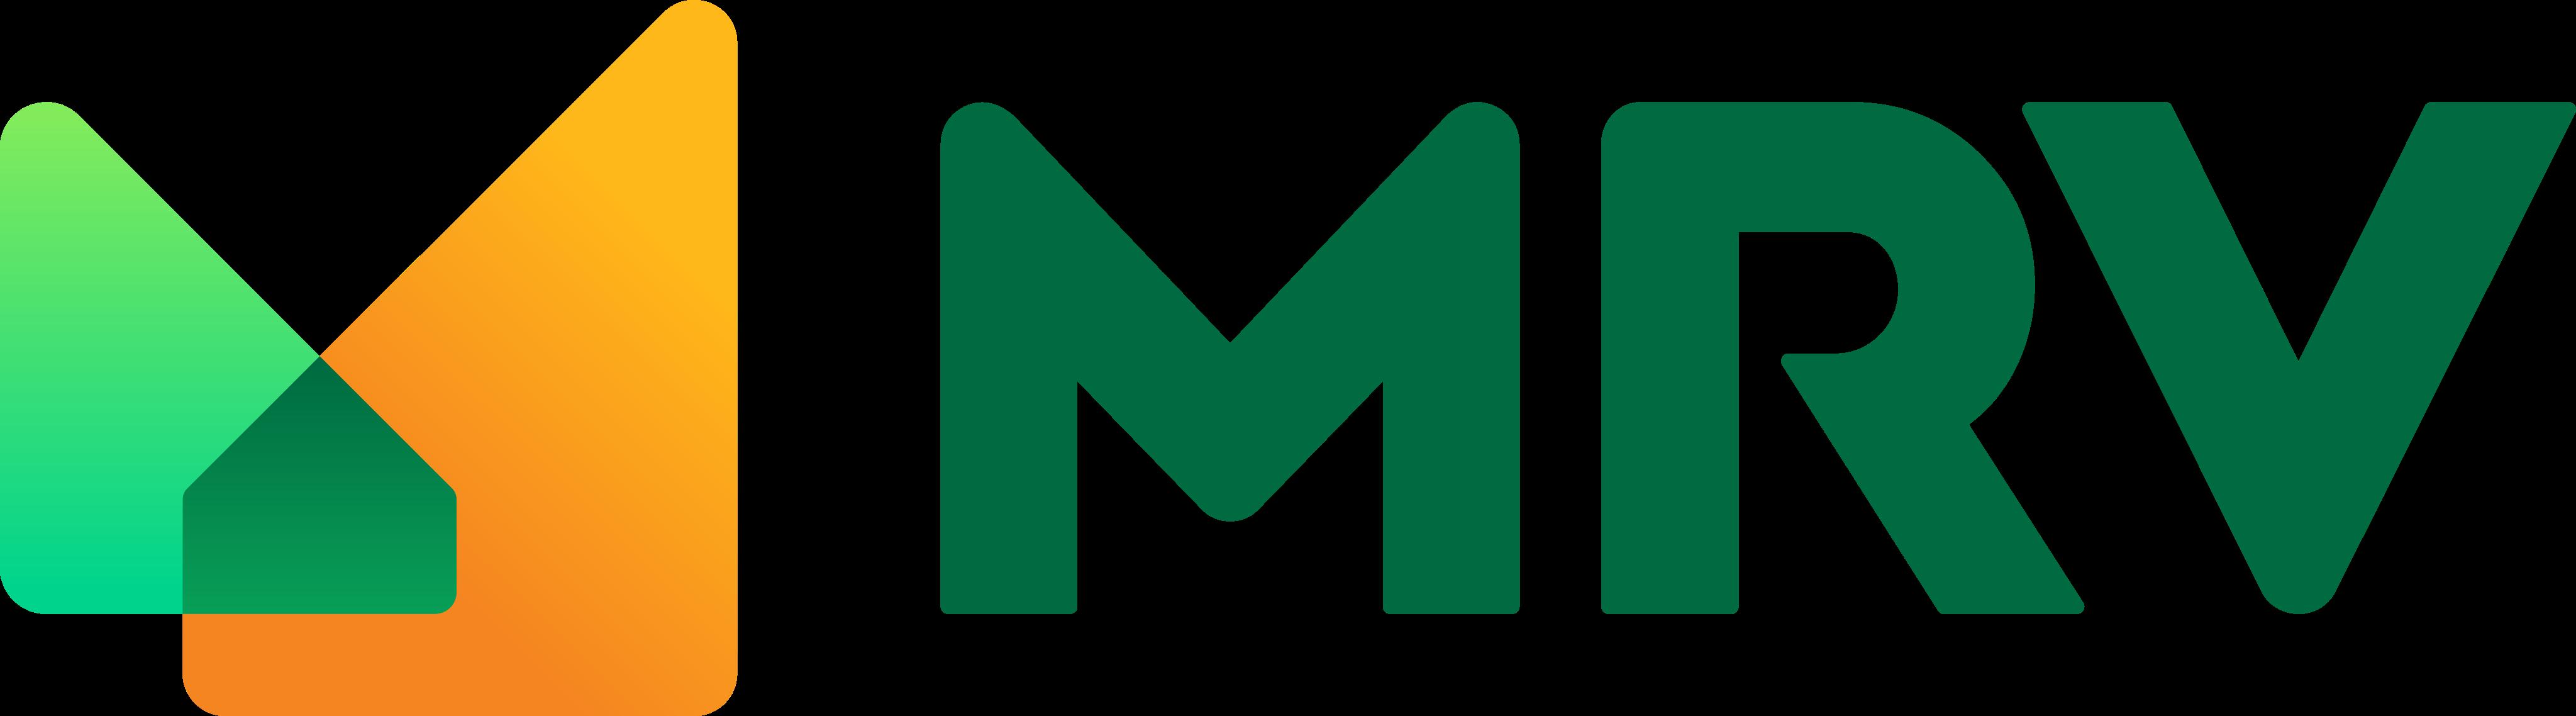 MRV Engenharia Logo - PNG e Vetor - Download de Logo